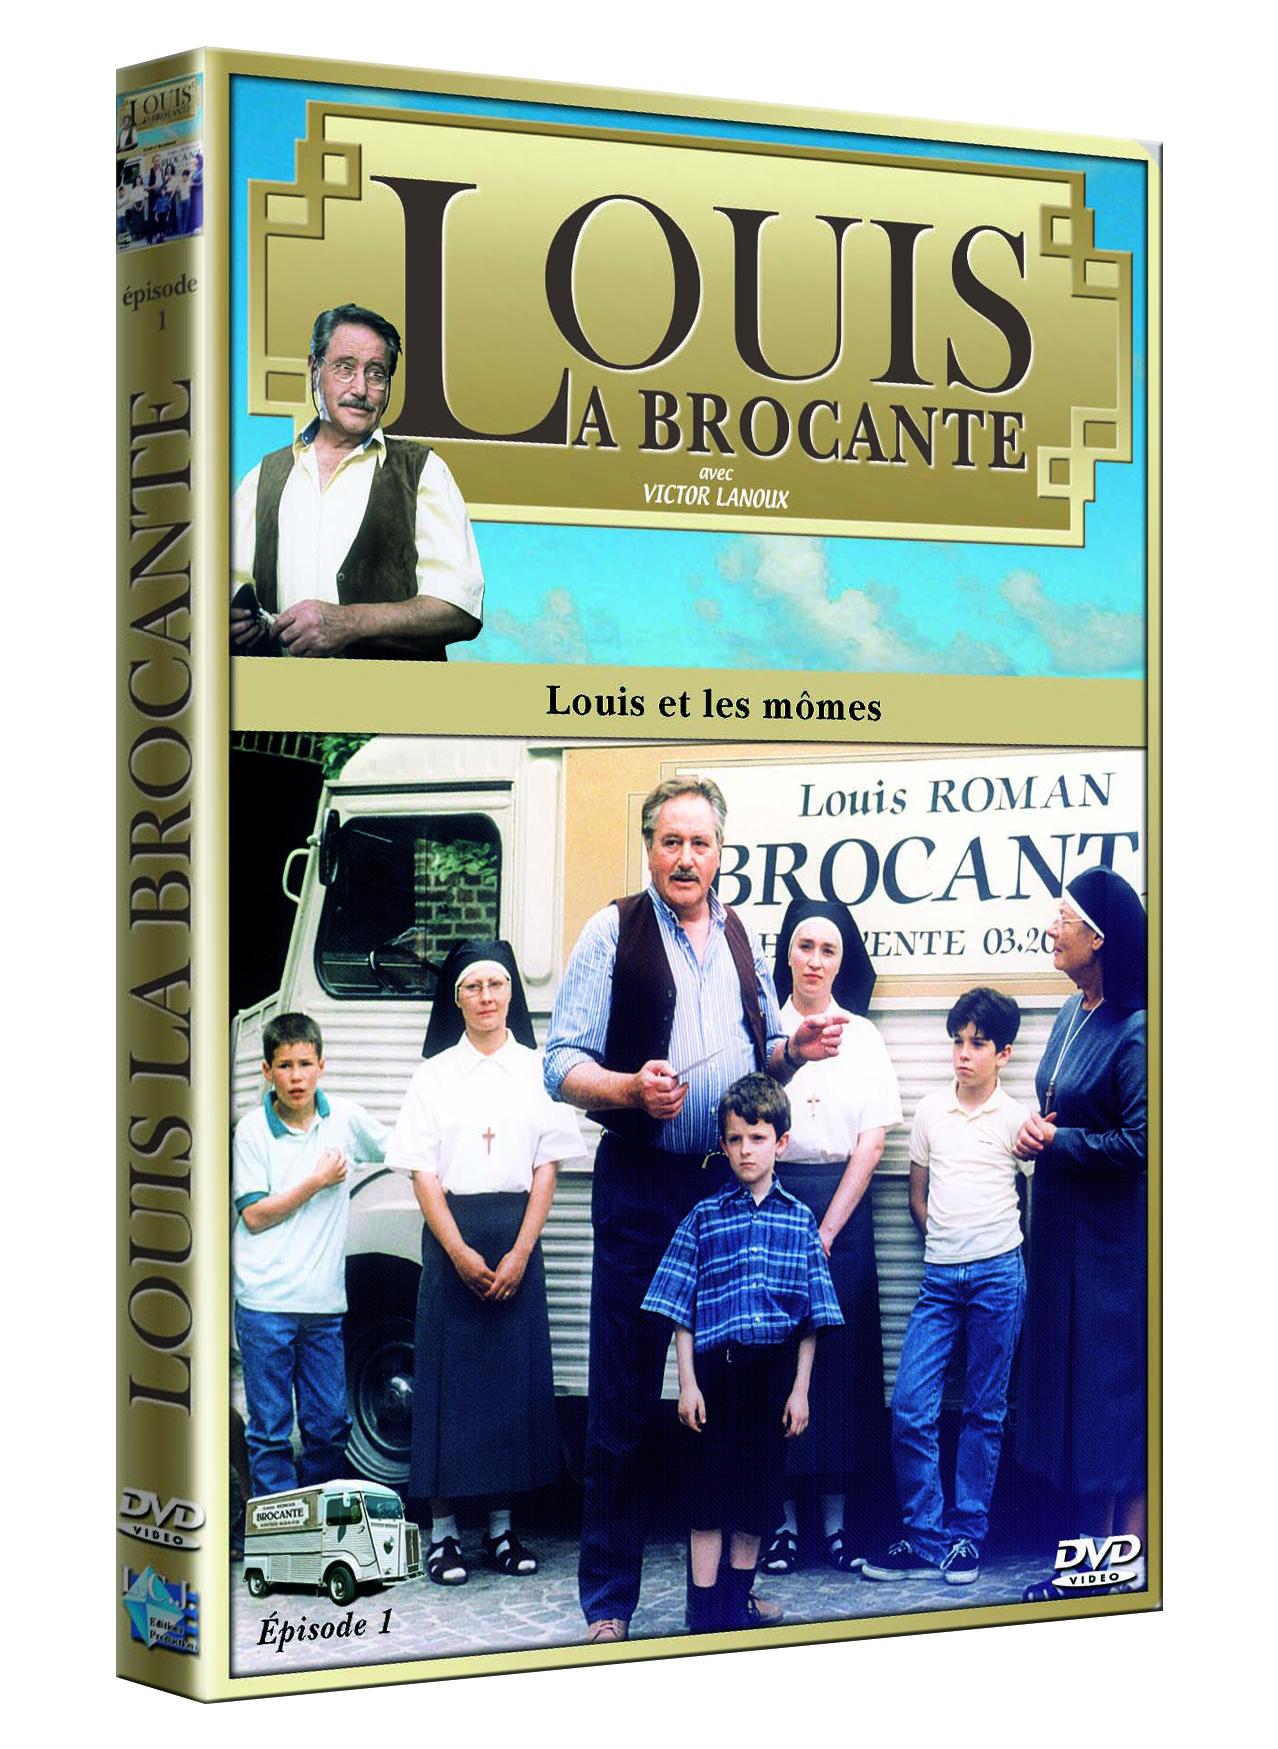 LOUIS LA BROCANTE EPISODE 1 - DVD